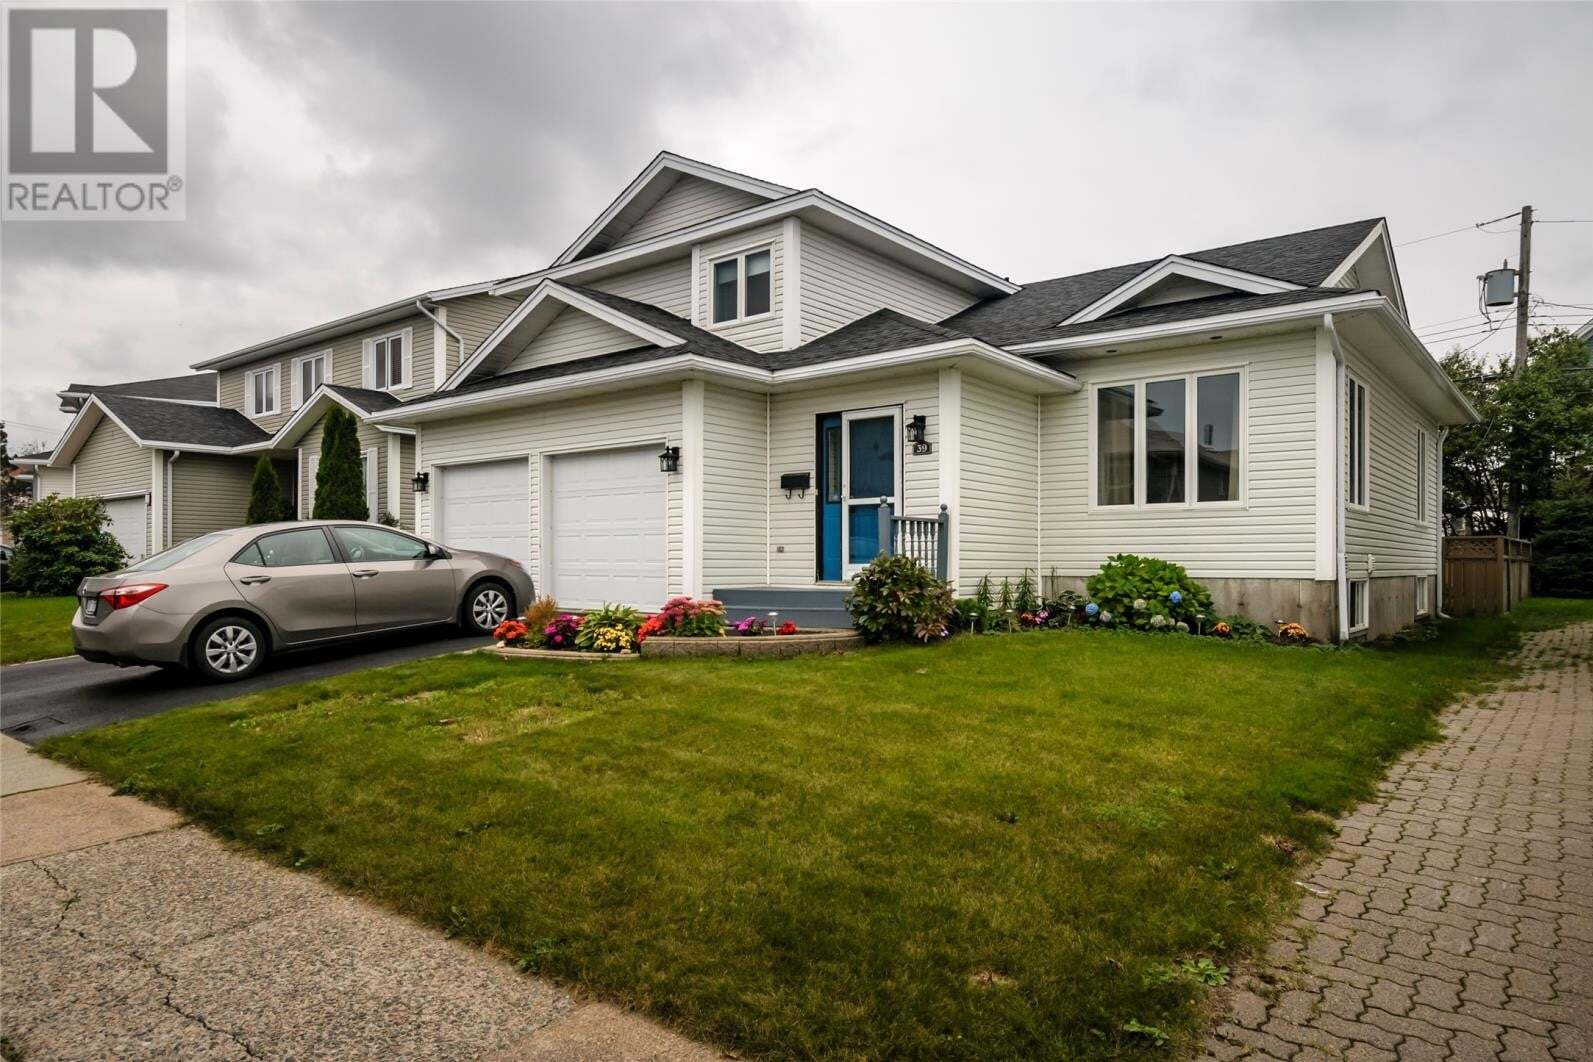 House for sale at 39 Baker St St. John's Newfoundland - MLS: 1222166